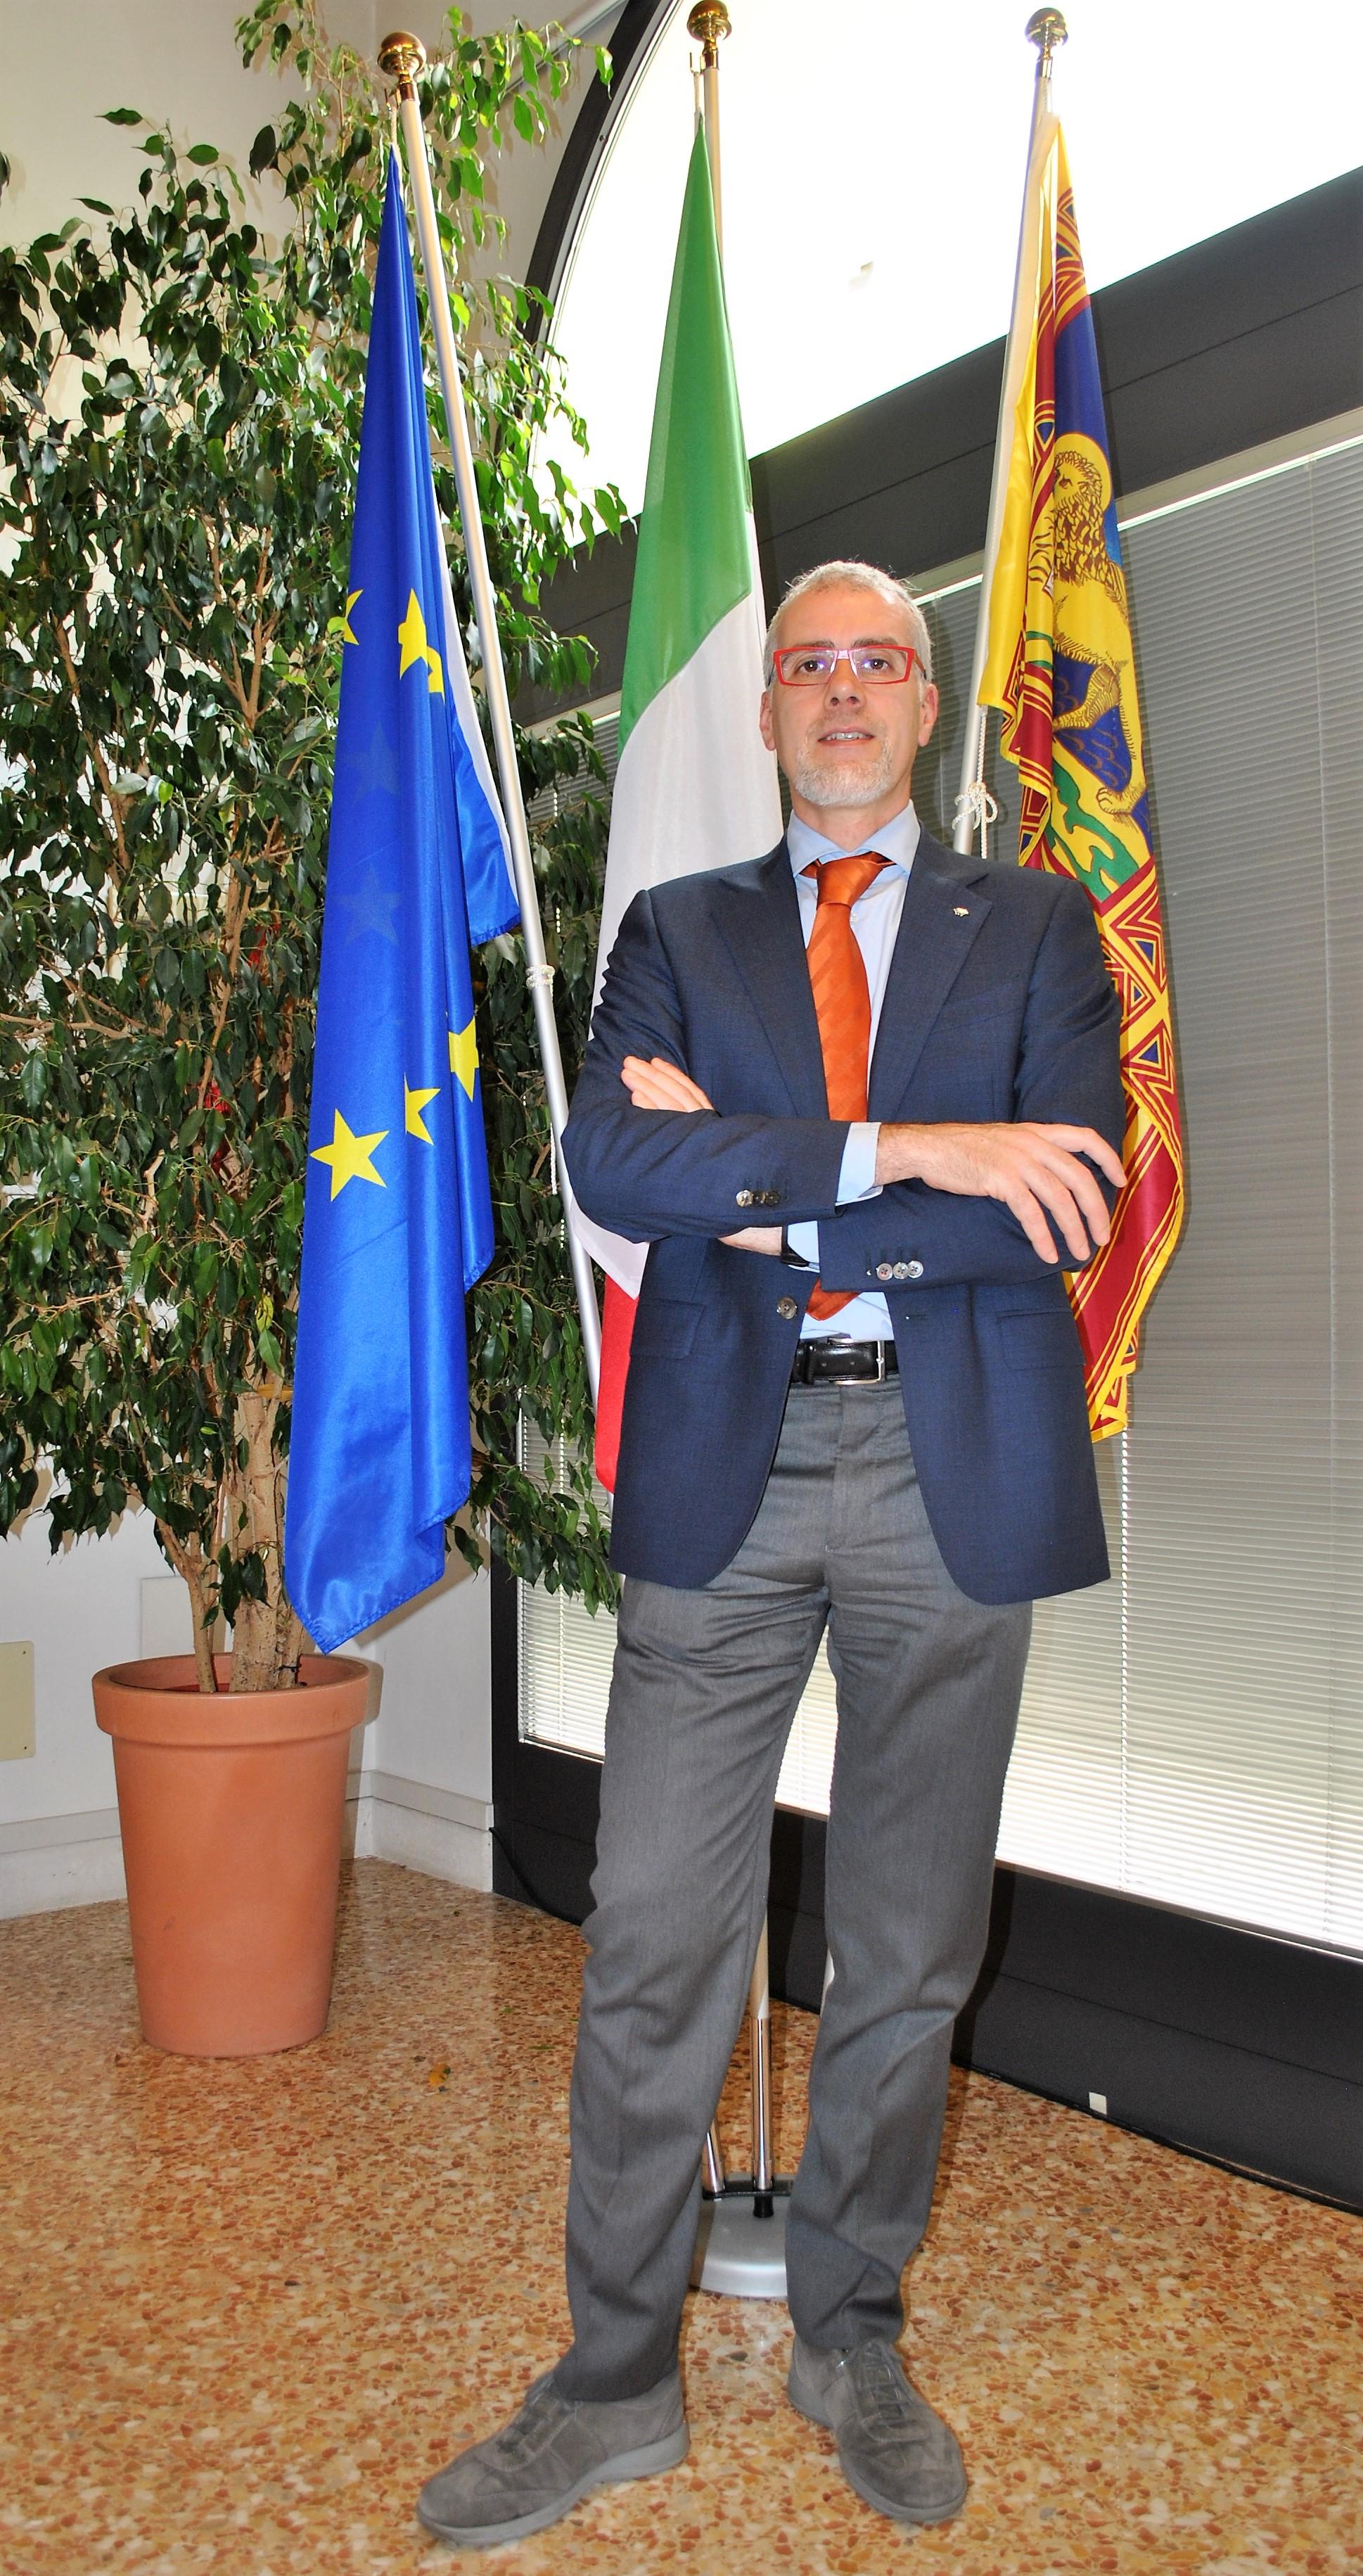 Mauro Di Nuovo